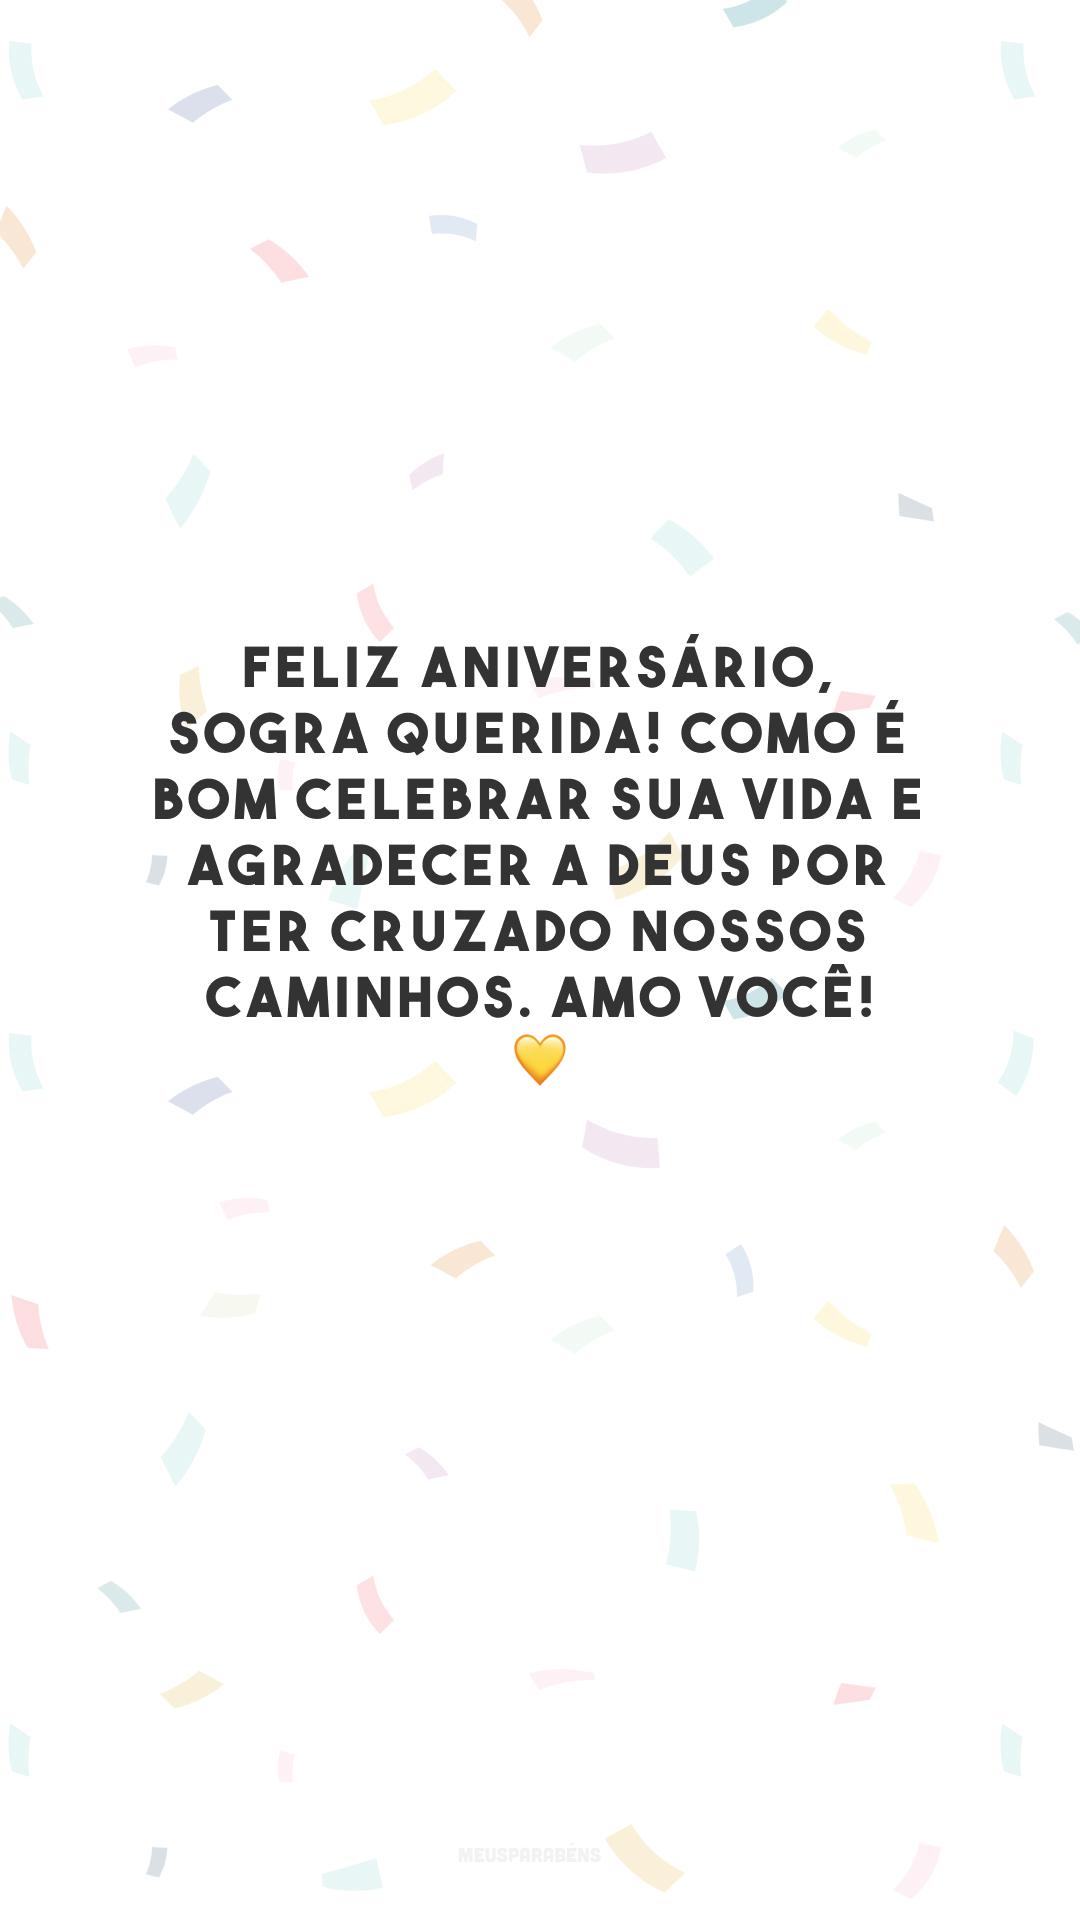 Feliz aniversário, sogra querida! Como é bom celebrar sua vida e agradecer a Deus por ter cruzado nossos caminhos. Amo você! 💛